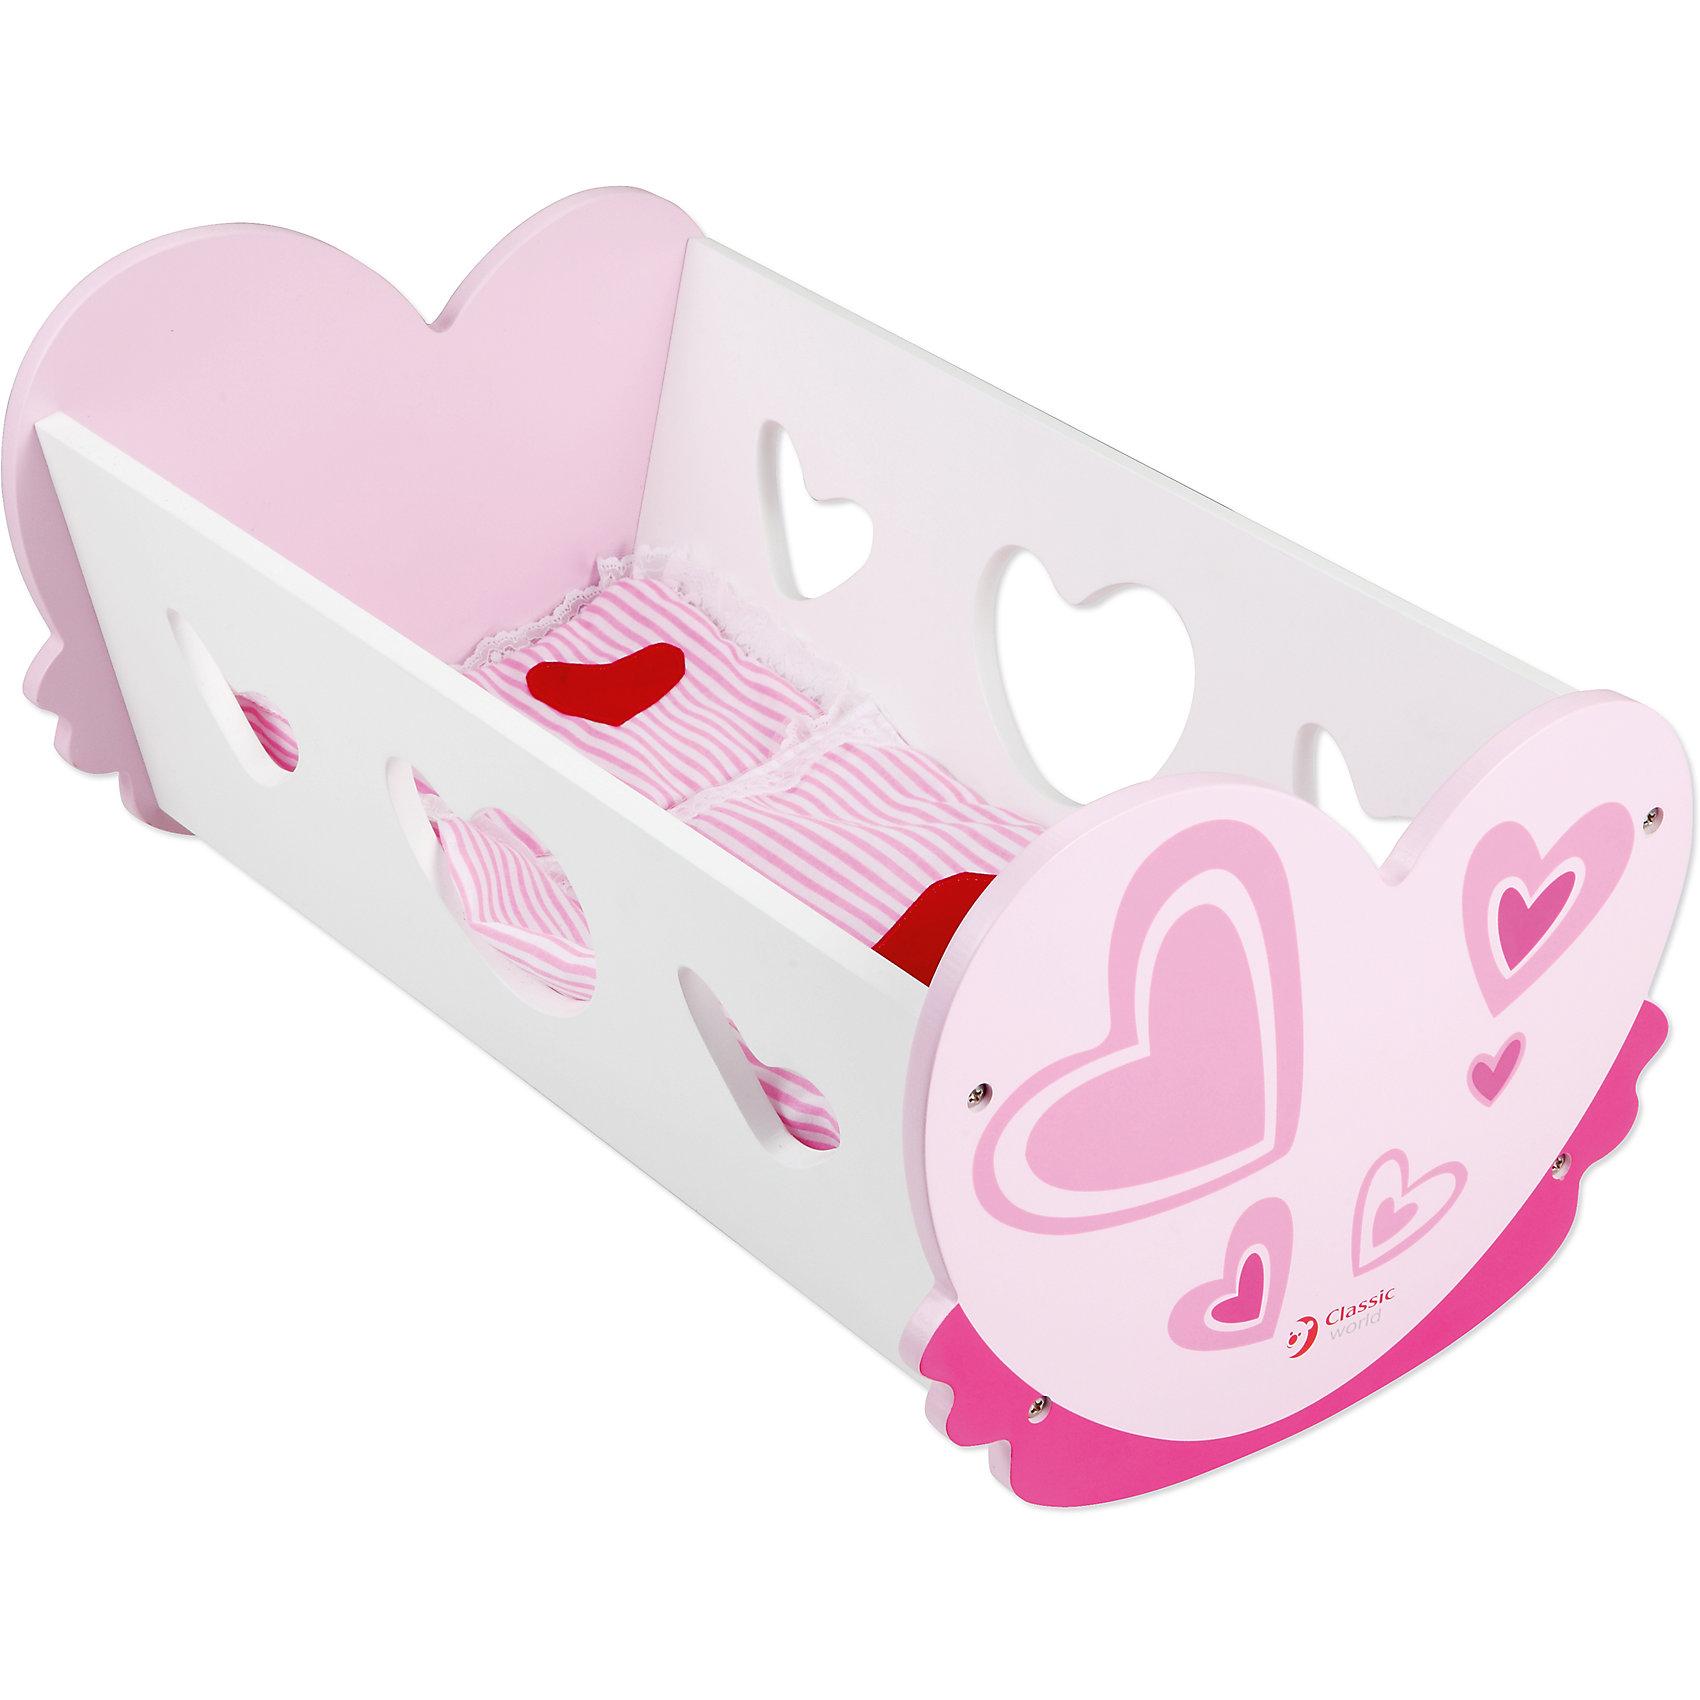 Кроватка для куколки Classic WorldДомики и мебель<br>Красивая игрушечная колыбель непременно понравится вашей малышке!Теперь любимая кукла сможет иметь свою кроватку, ее можно будет укладывать спать и петь песенки на ночь. <br>1. Играя с колыбелью, ваша дочка станет более ответственной, сможет представить себя мамой, заботящейся о своем ребенке. <br>2. Кроме того, девочка поймет смысл сюжетной игры, разовьет воображение и образное мышление.<br>3. Игрушка изготовлена из экологически чистого  дерева, что очень важно при выборе детских товаров.<br><br>Ширина мм: 460<br>Глубина мм: 55<br>Высота мм: 270<br>Вес г: 2000<br>Возраст от месяцев: 36<br>Возраст до месяцев: 2147483647<br>Пол: Женский<br>Возраст: Детский<br>SKU: 7044536